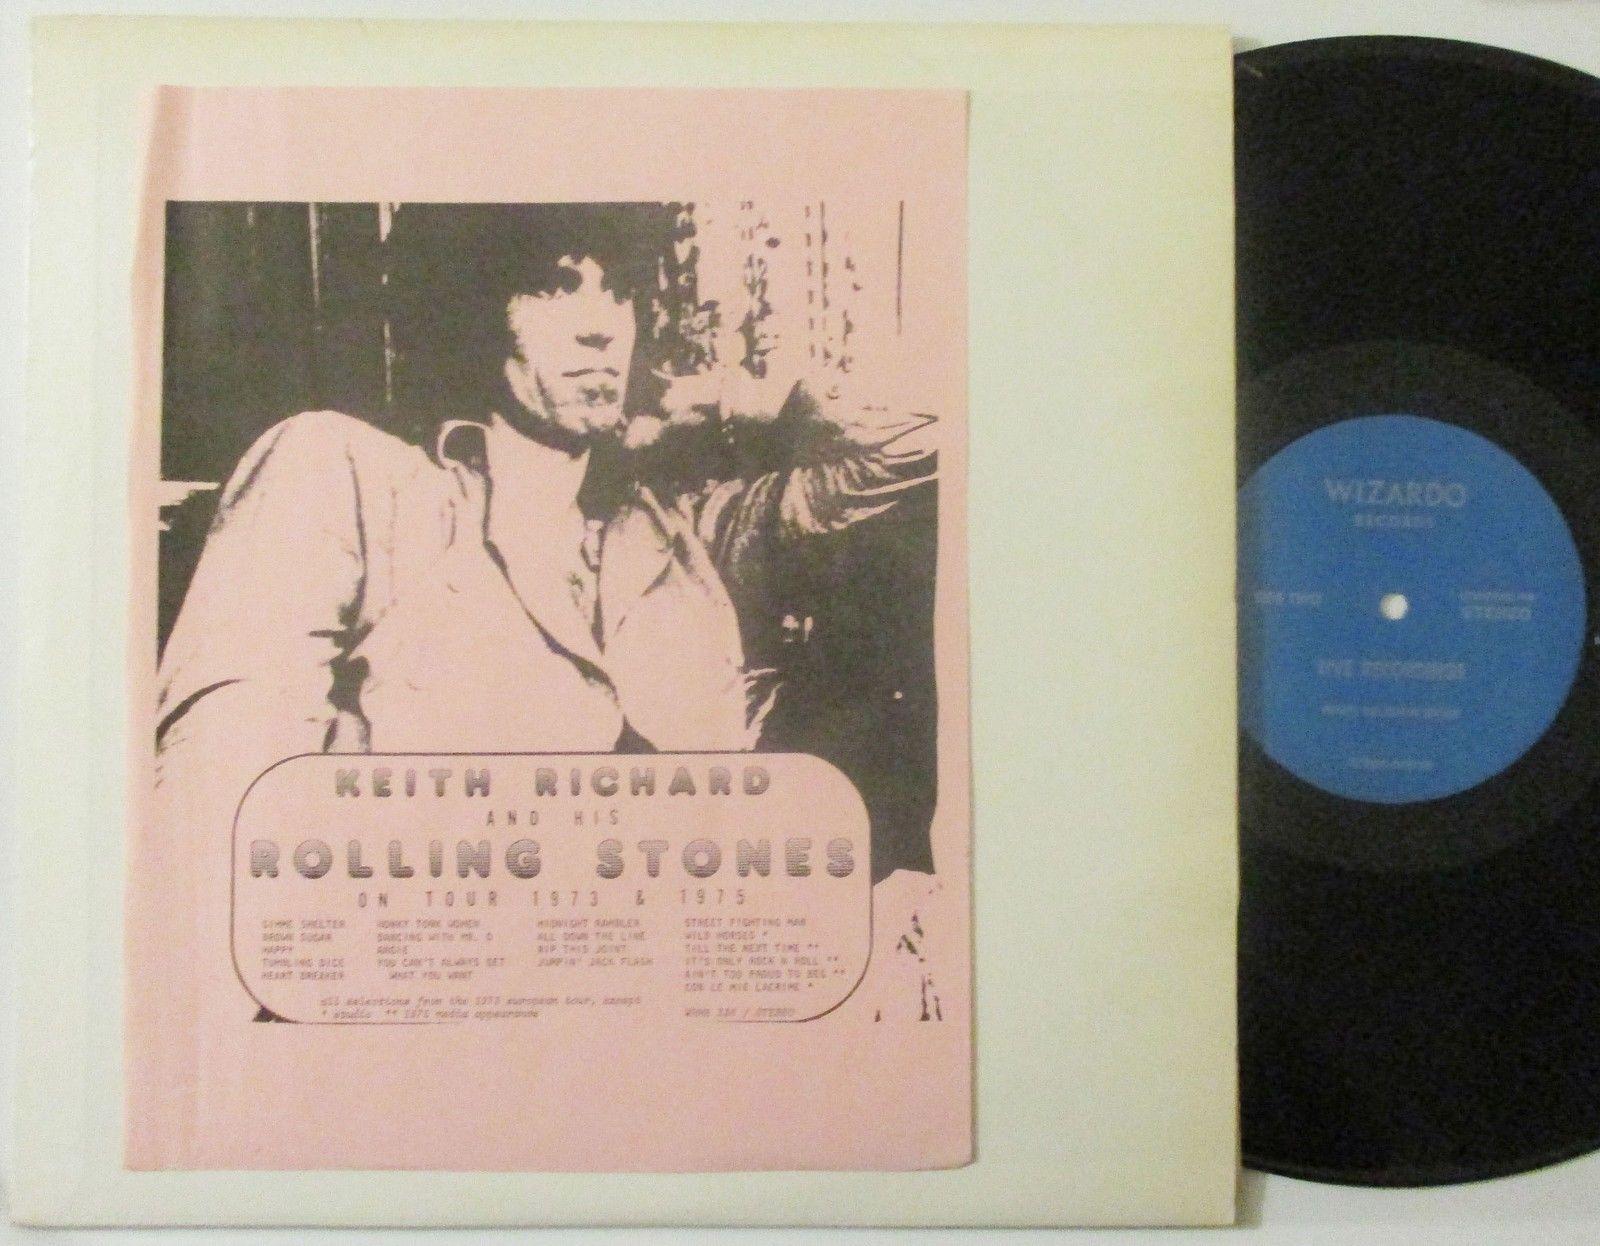 KEITH RICHARD & HIS ROLLING STONES ON TOUR 1973 & 1975 2 LP Set Wizardo-NO TMOQ